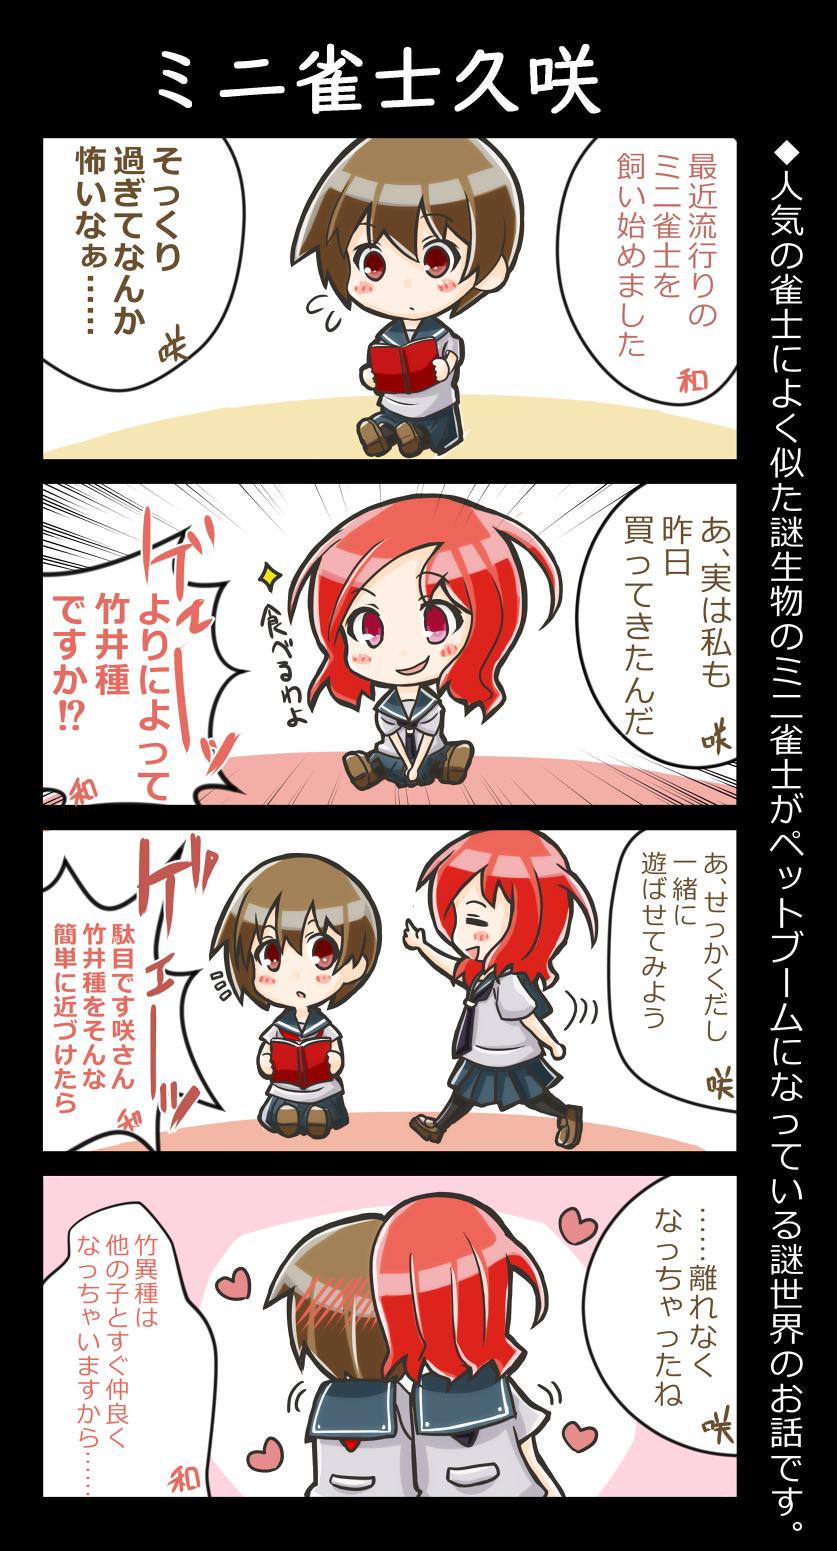 ミニ雀士01.png